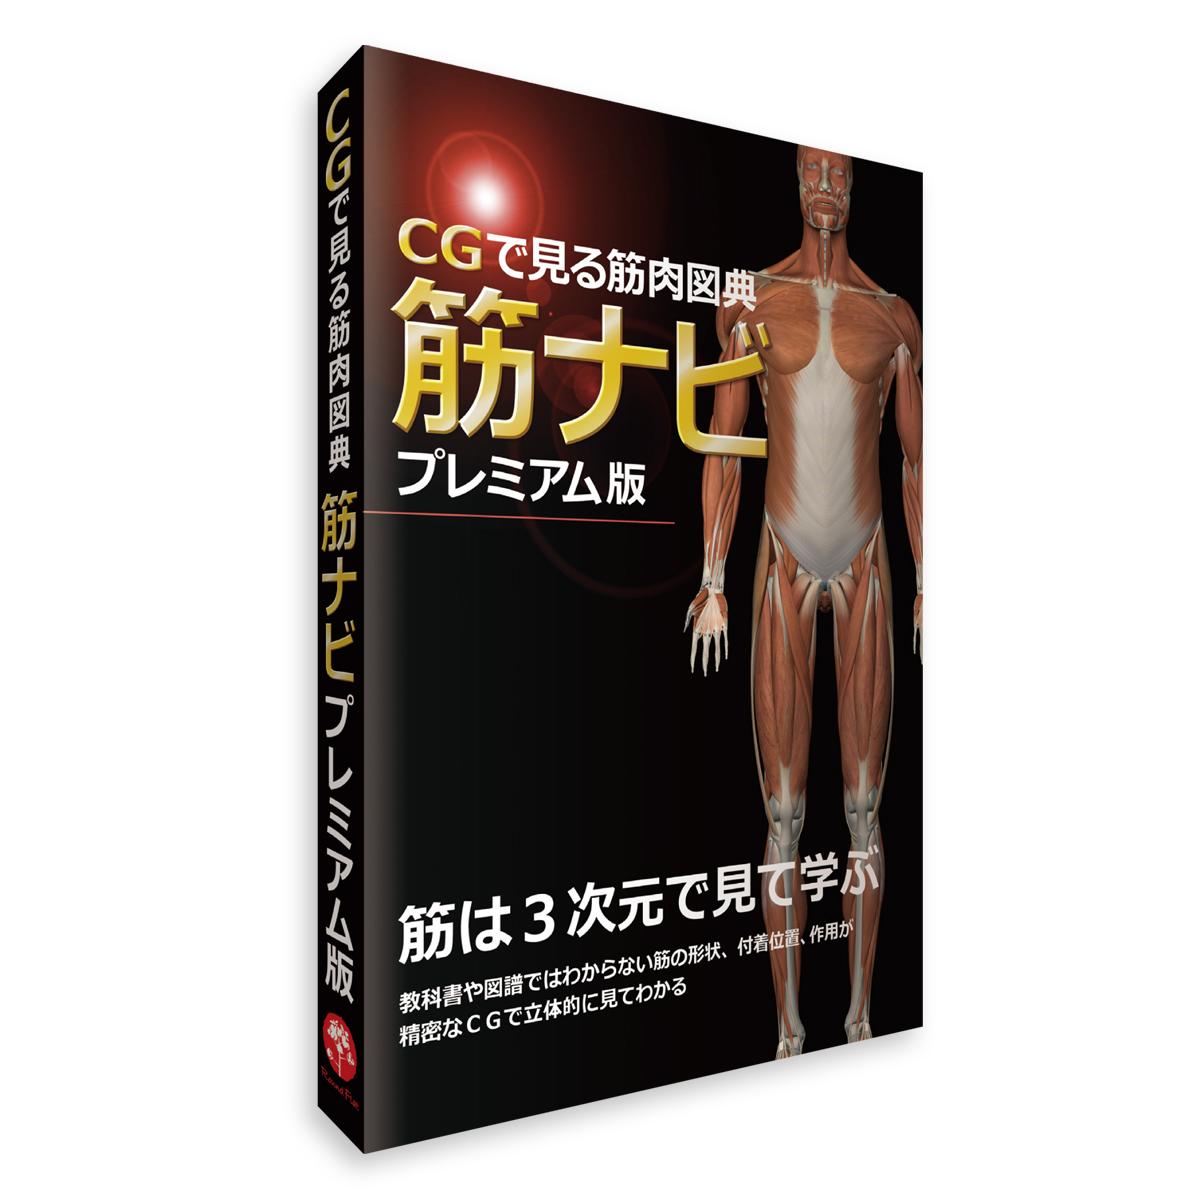 パソコンソフト 筋肉 「CGで見る筋肉図典 筋ナビプレミアム版」 Windows専用 全身(177筋)CGイラスト 360° 送料無料 キャンペーン